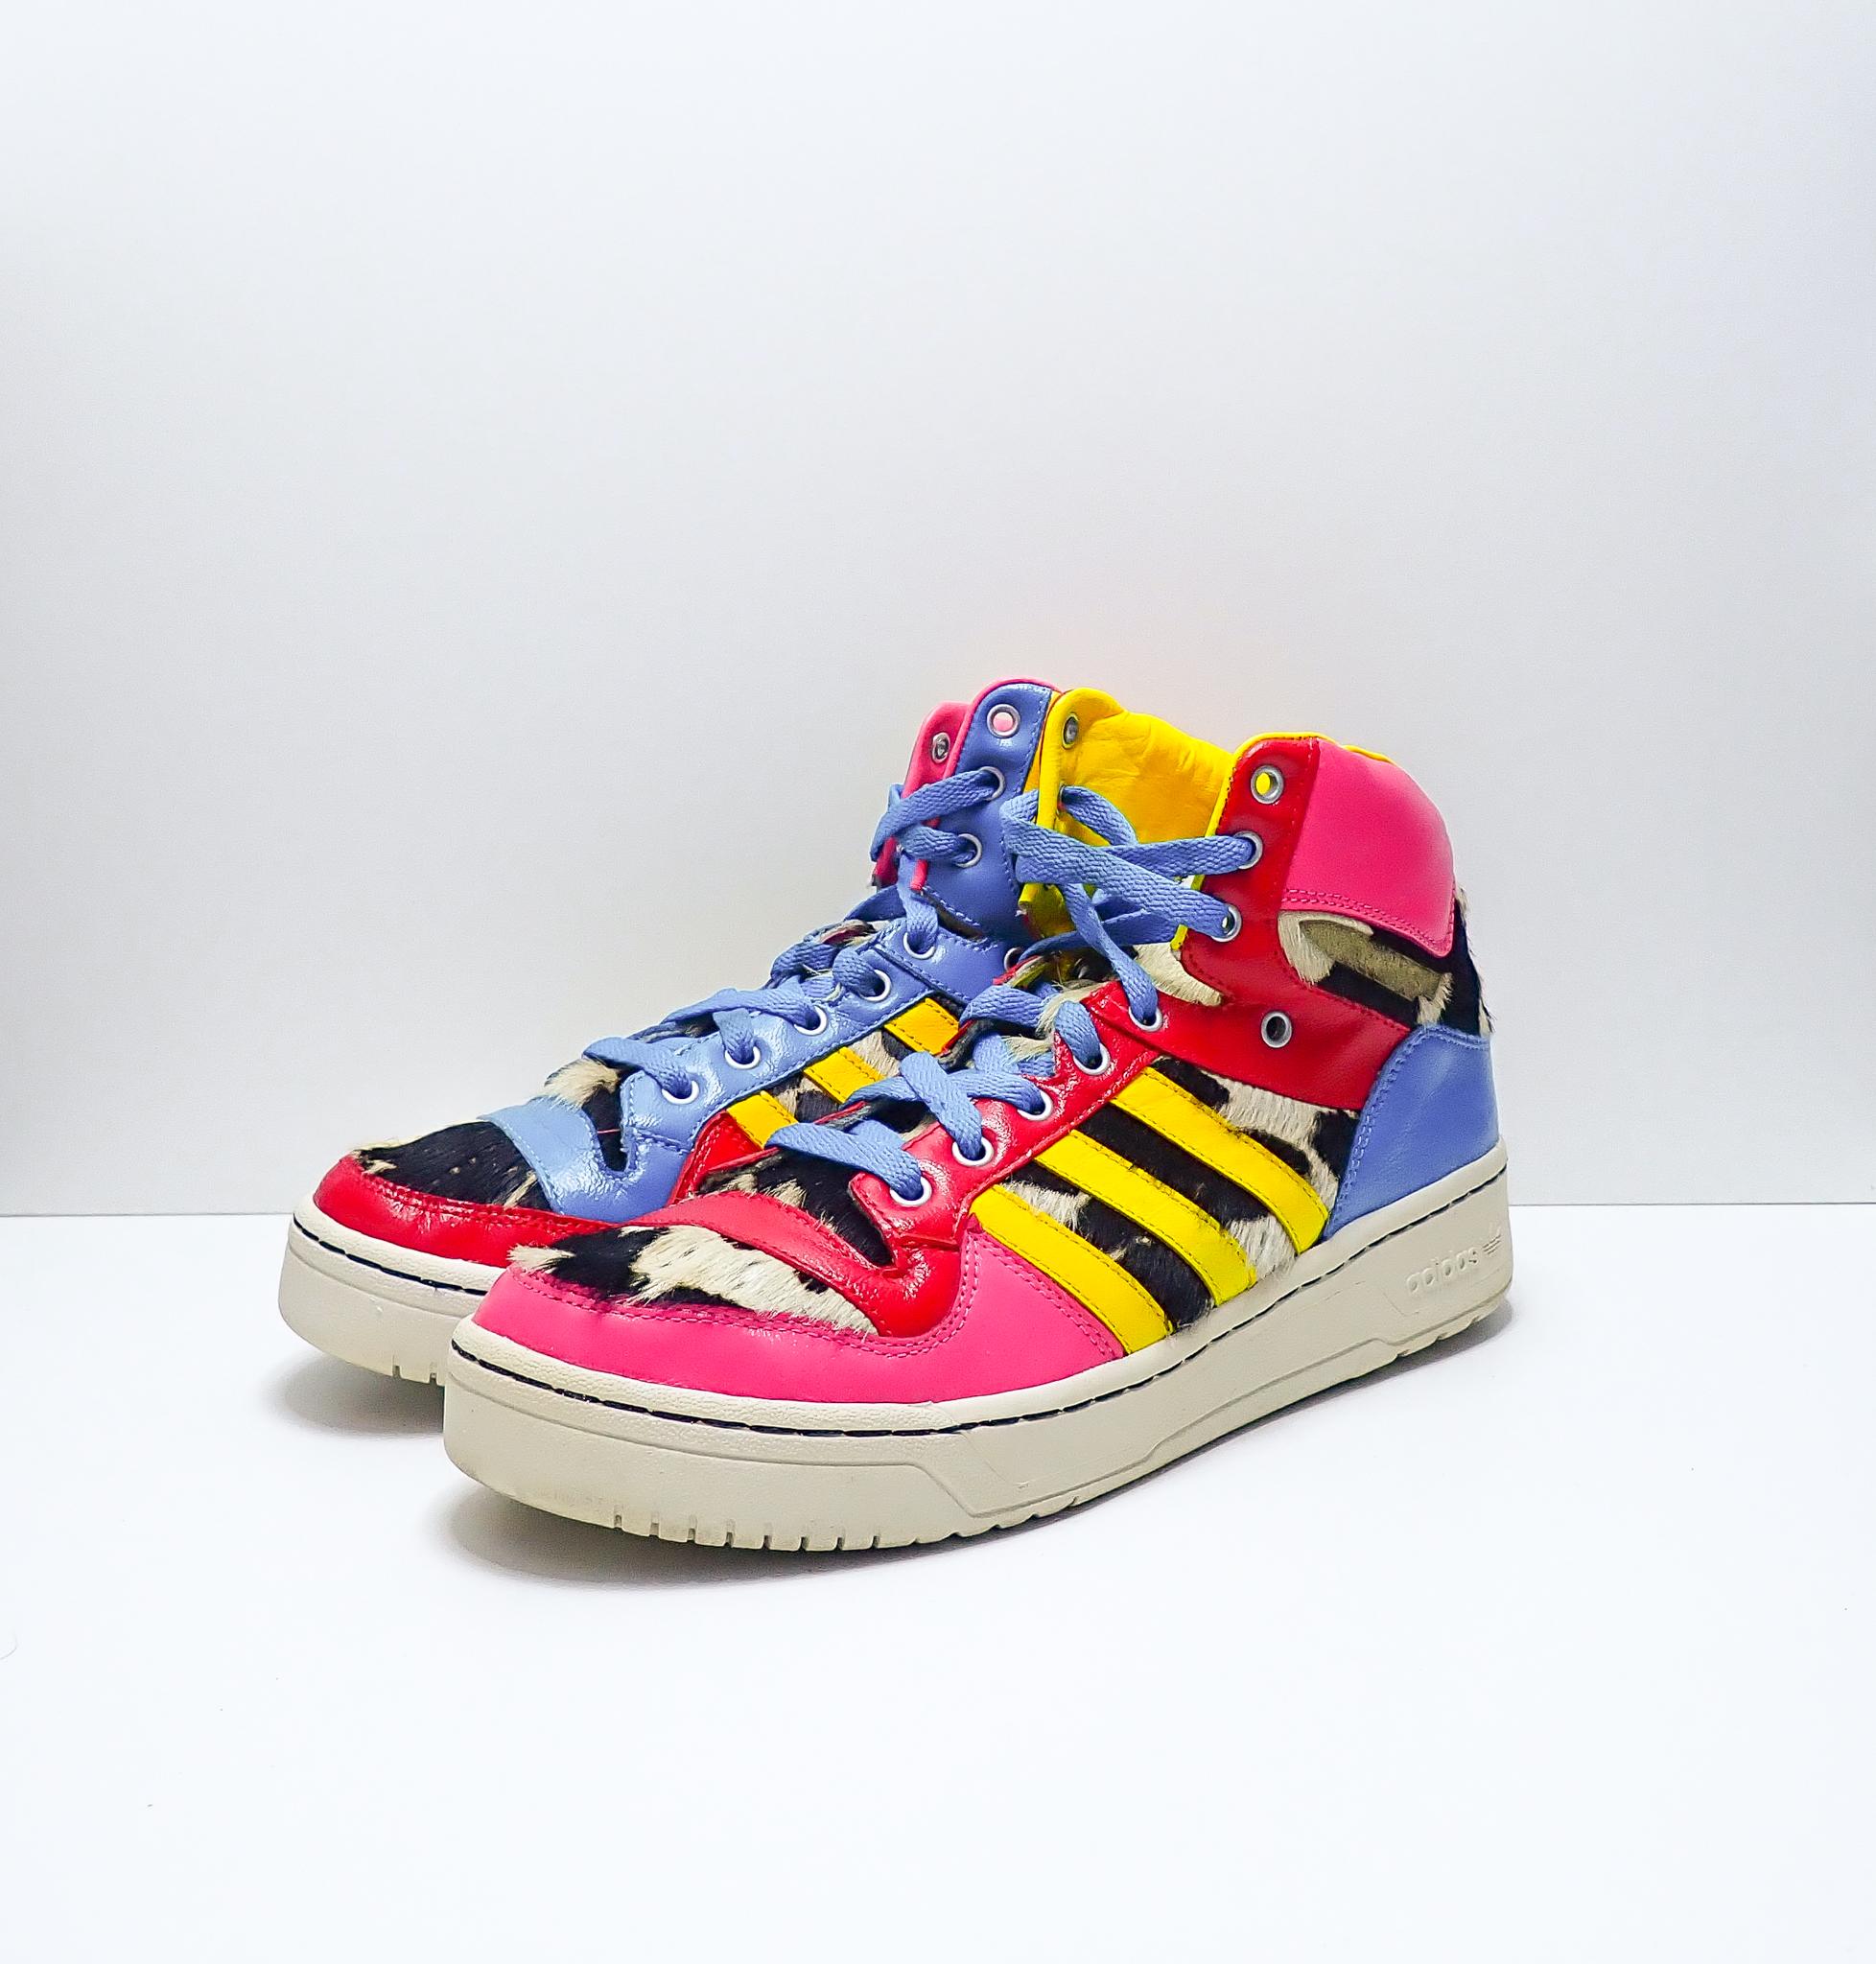 Adidas X Jeremy Scott X 2Ne1